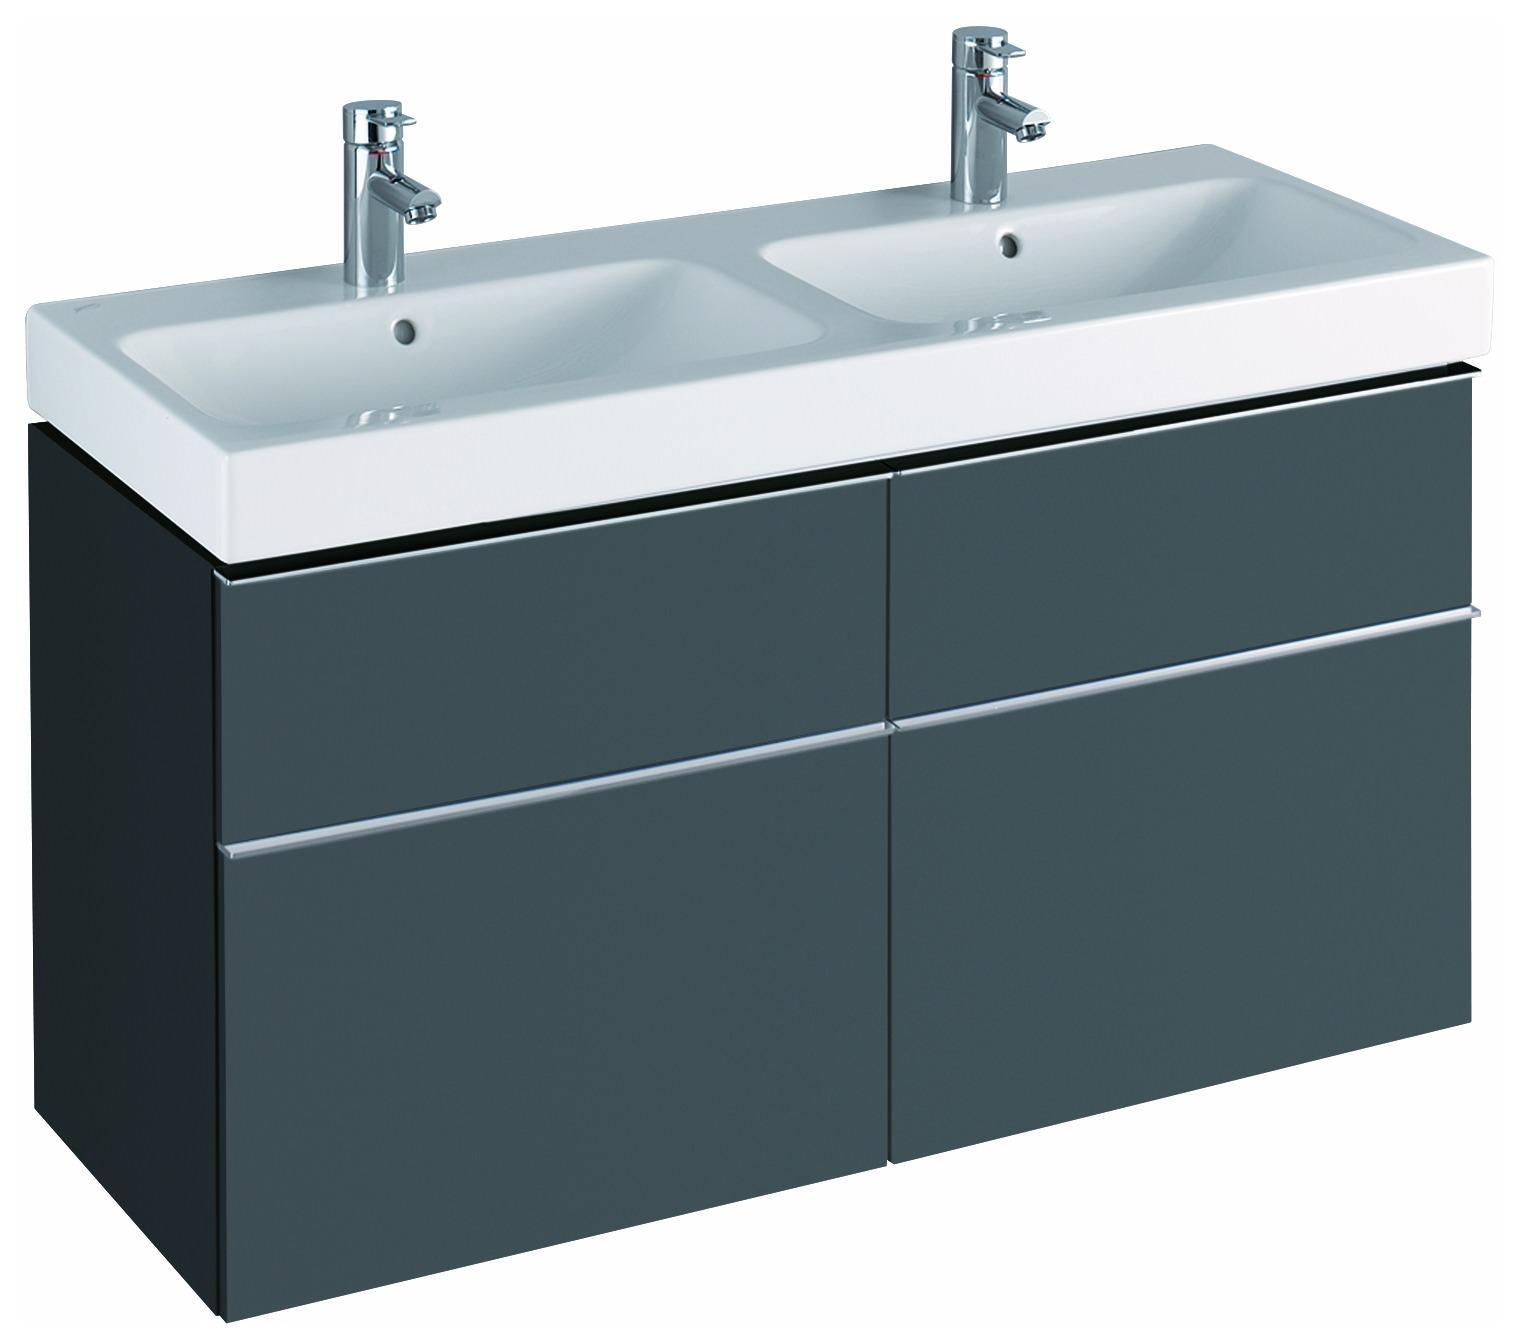 keramag icon waschtischunterschrank f r doppelwaschtisch 1190x620x477mm lava matt 841521000. Black Bedroom Furniture Sets. Home Design Ideas